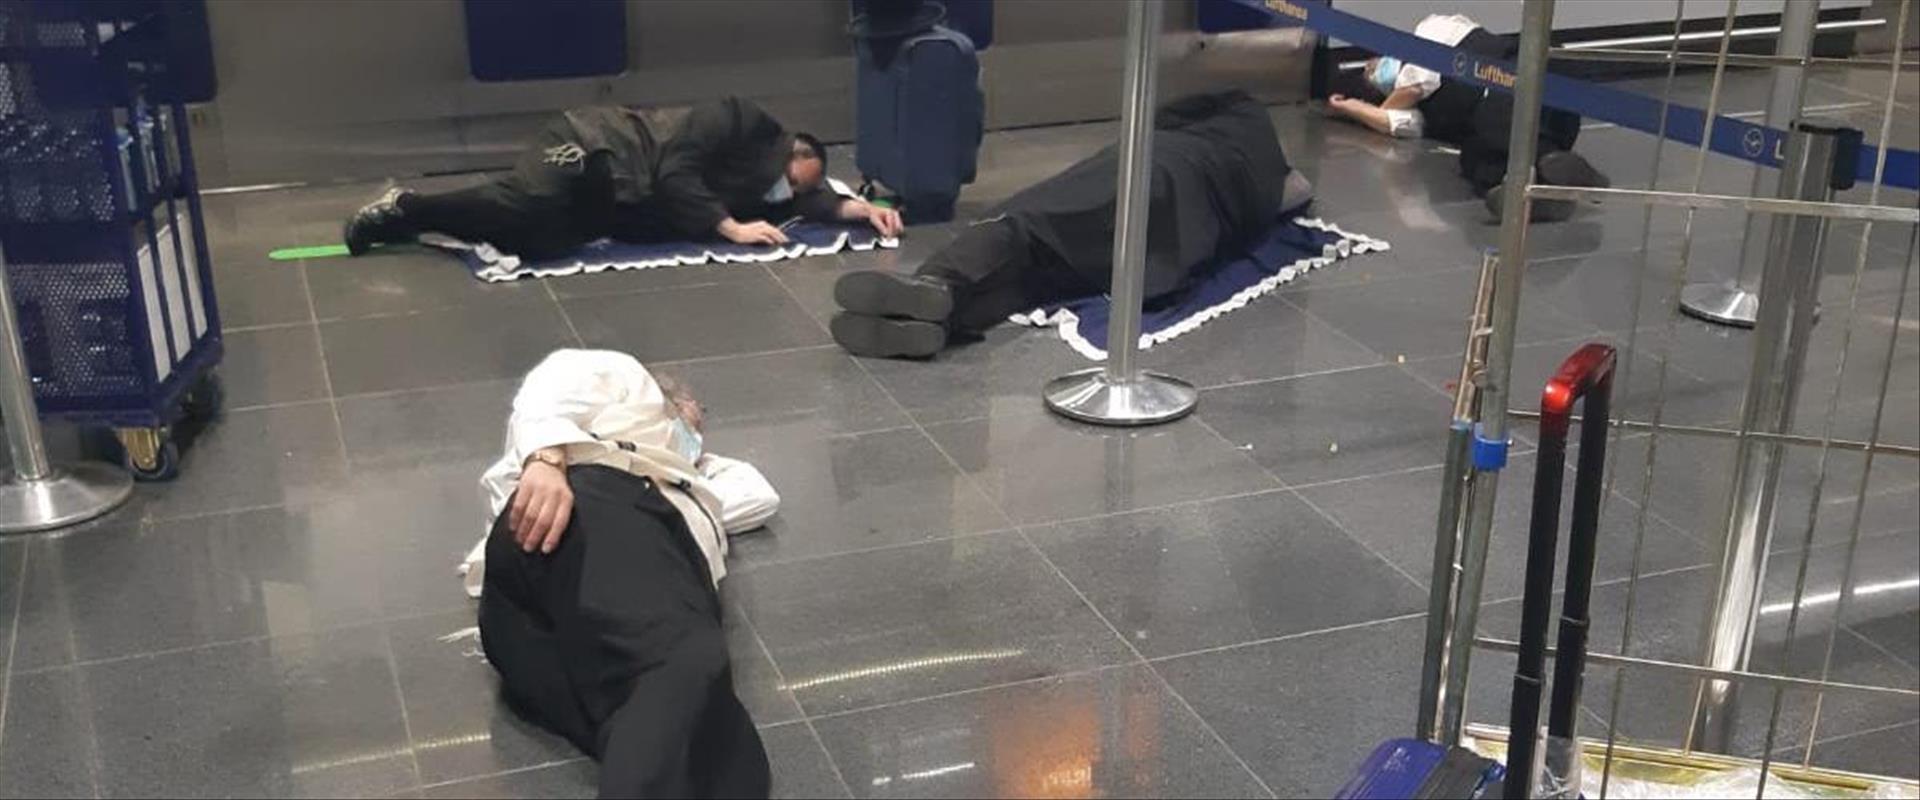 ישראלים תקועים בפרנקפורט